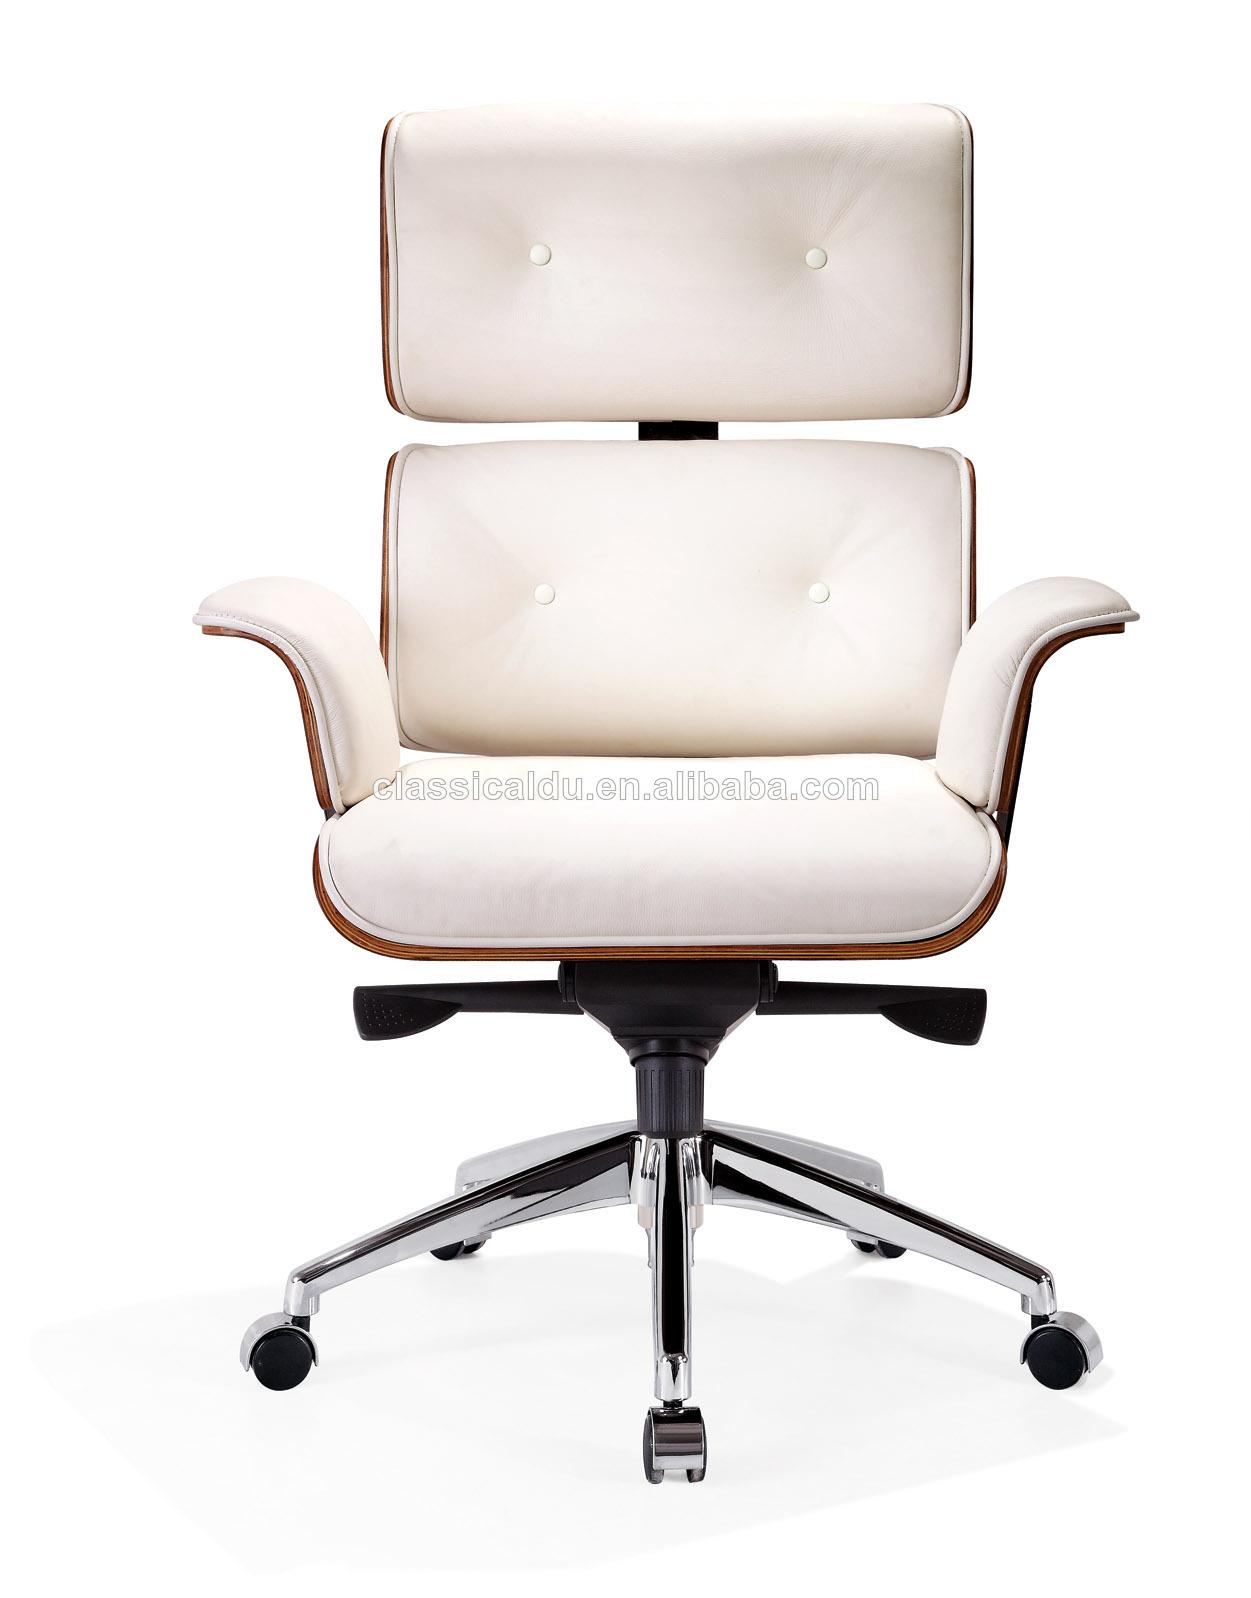 Silla ejecutiva silla de dise o de de ala alta sillas de - Silla oficina alta ...